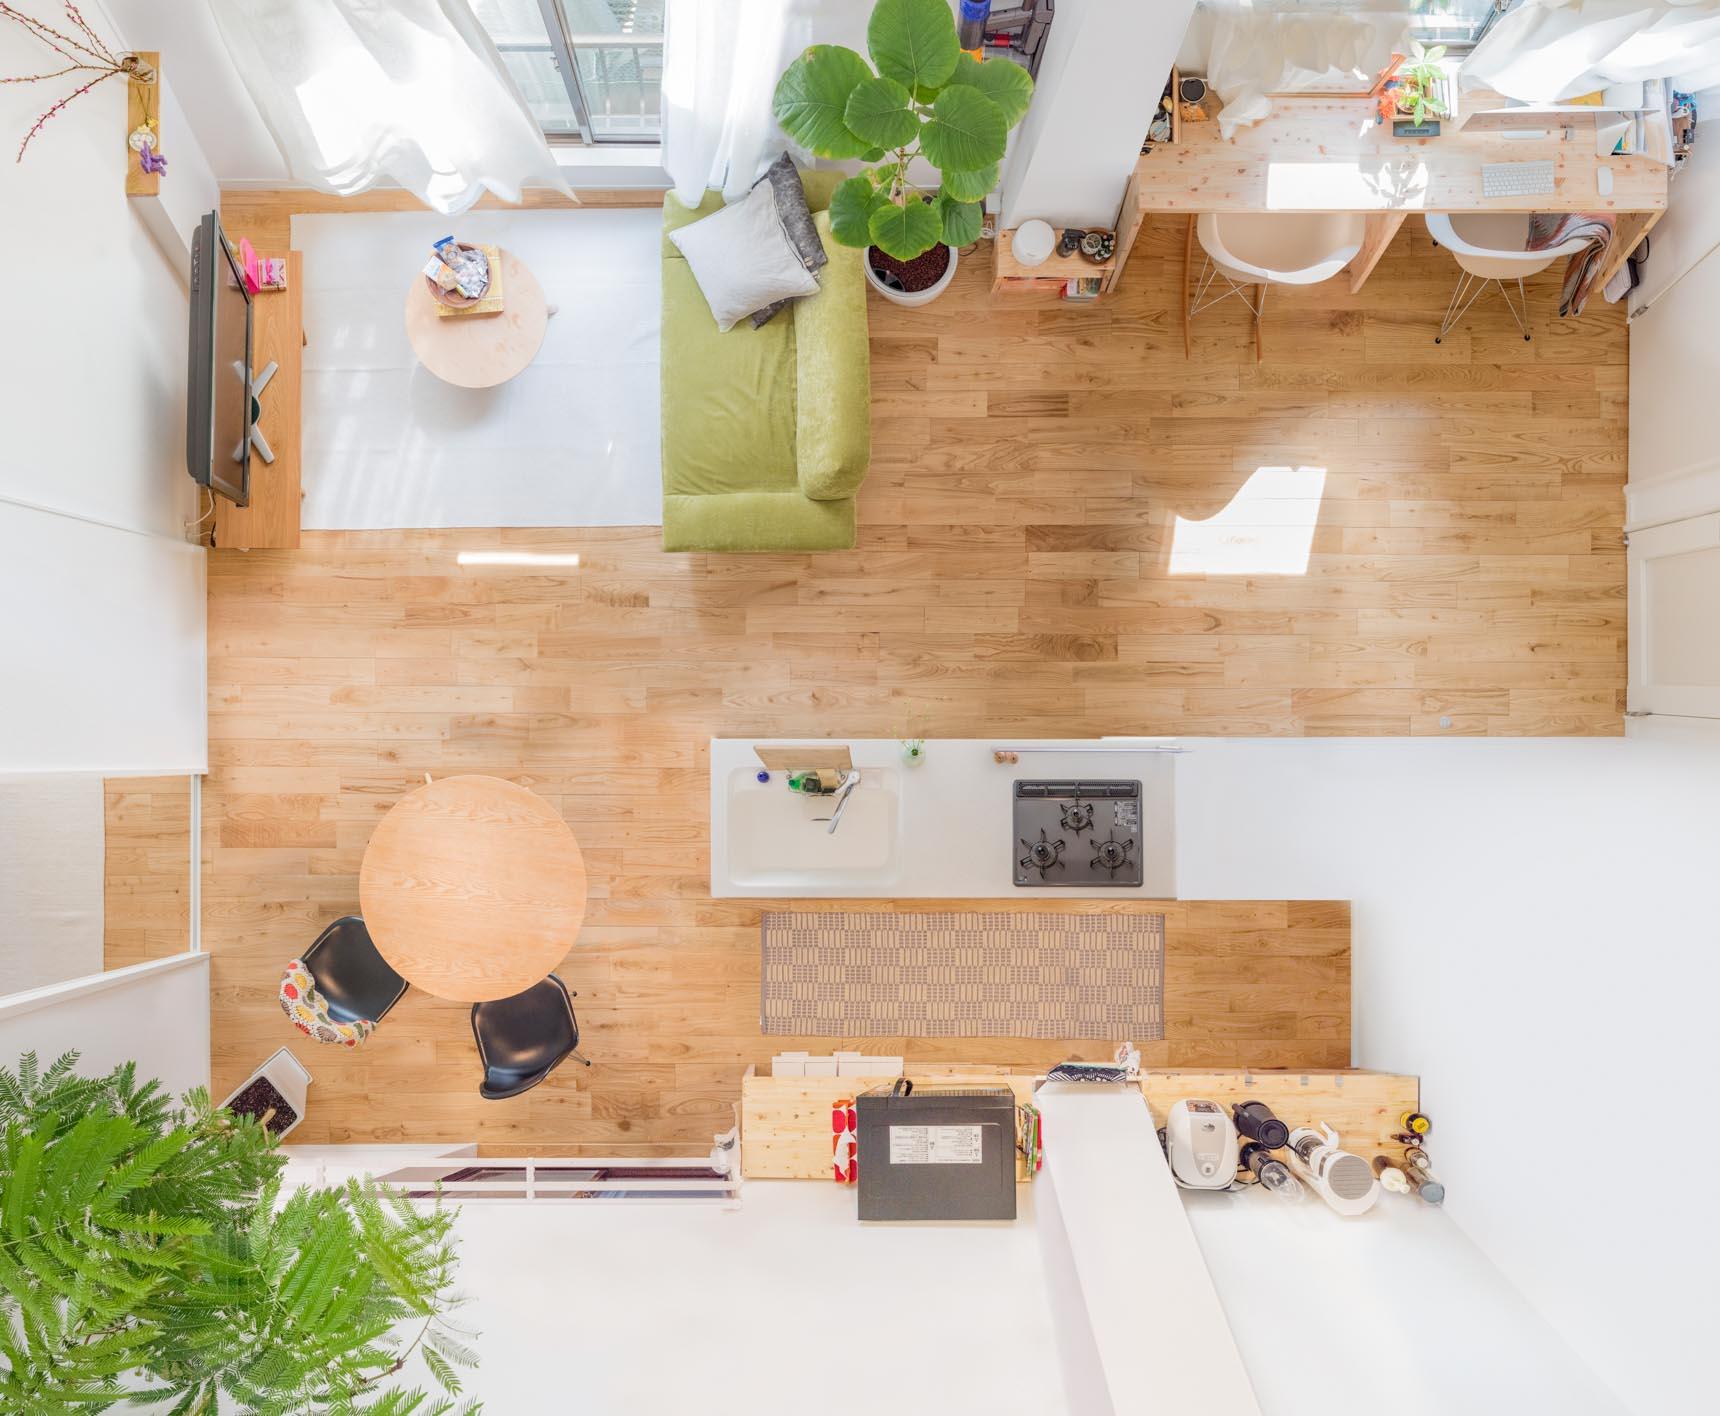 2人暮らし、カップルで1LDKのお部屋に住む方の事例。全体を見渡すと、食事をするところ、リラックススペース、そして仕事スペース、としっかり分けられていますね。右上に見えるのが、ワークデスクの位置です。